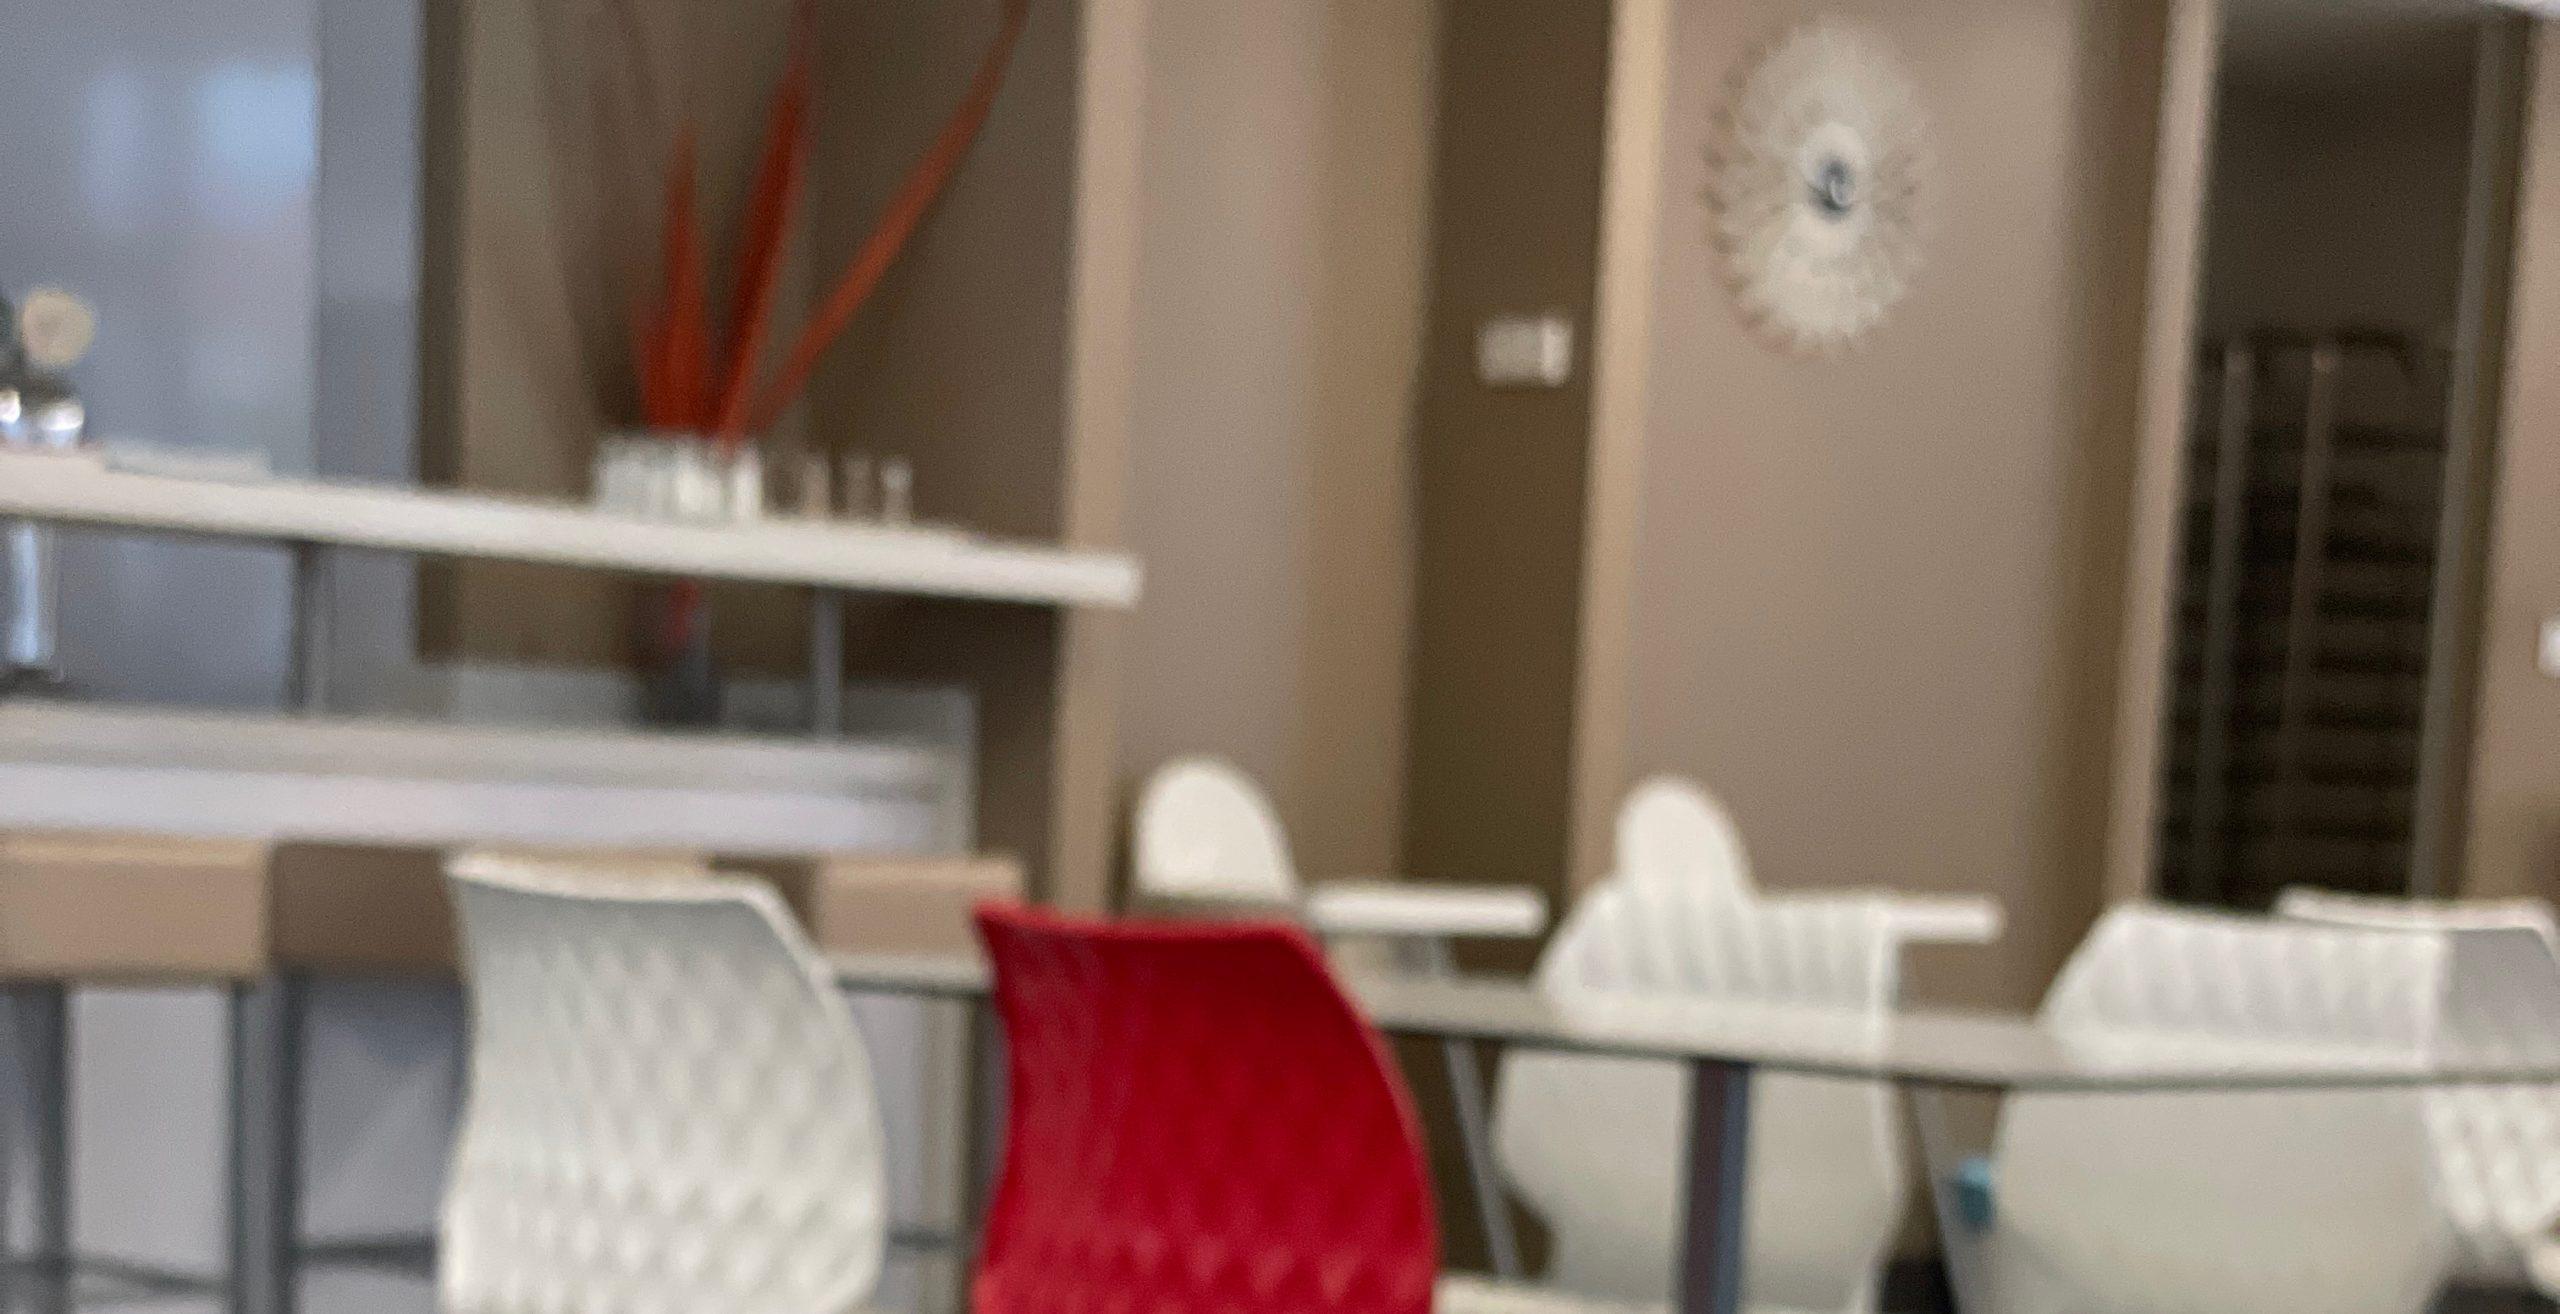 Gnocco Residence, avagy az étterem, aminek a varázsát a csapat adja